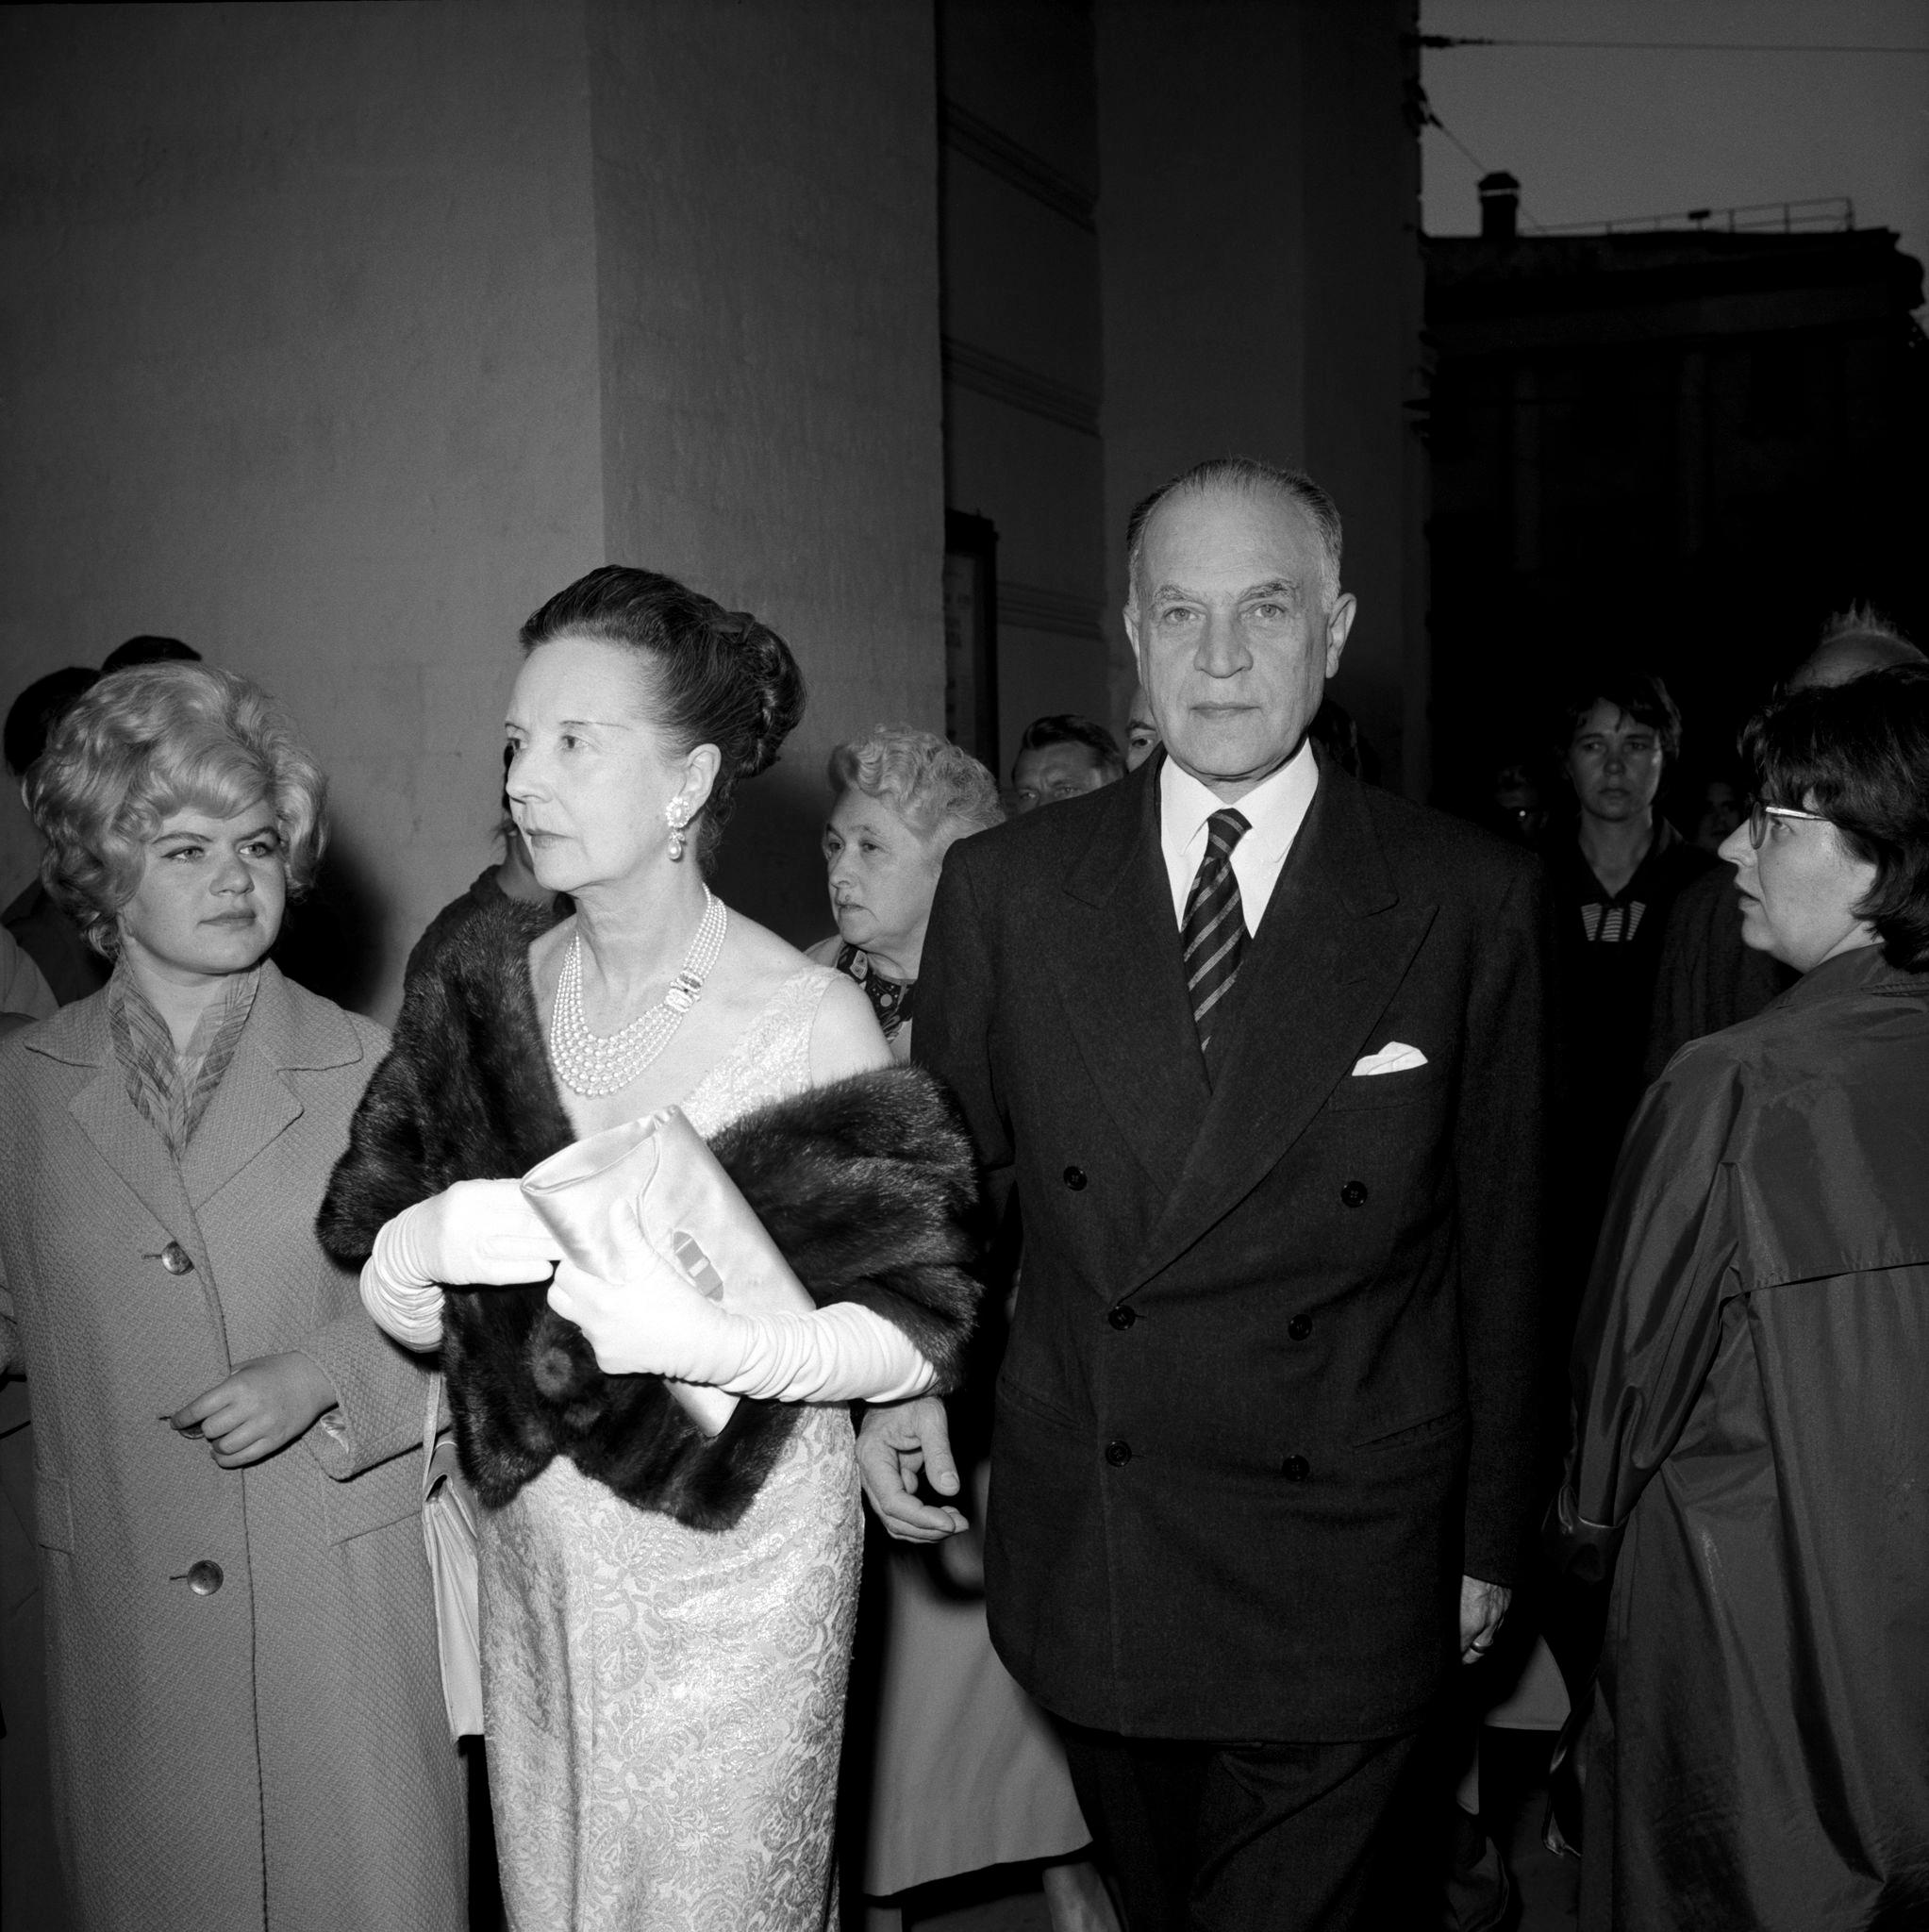 Элегантные советские знаменитости среди зрителей в премьерный вечер «Турандот».png